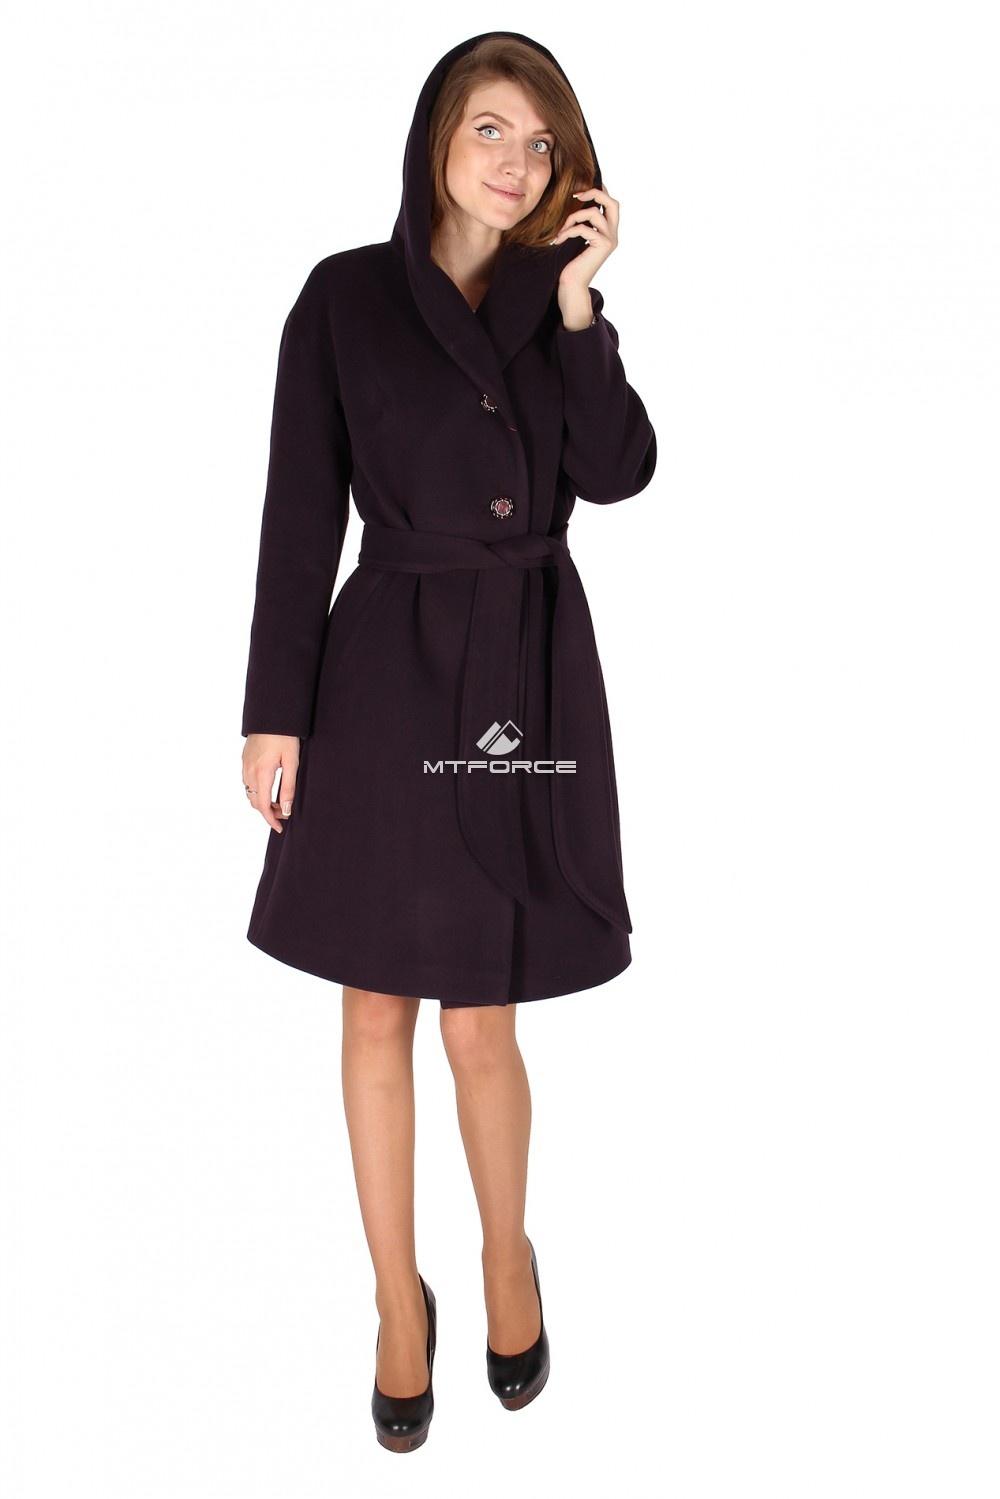 Купить                                  оптом Пальто женское темно-фиолетовый цвета 15249TF